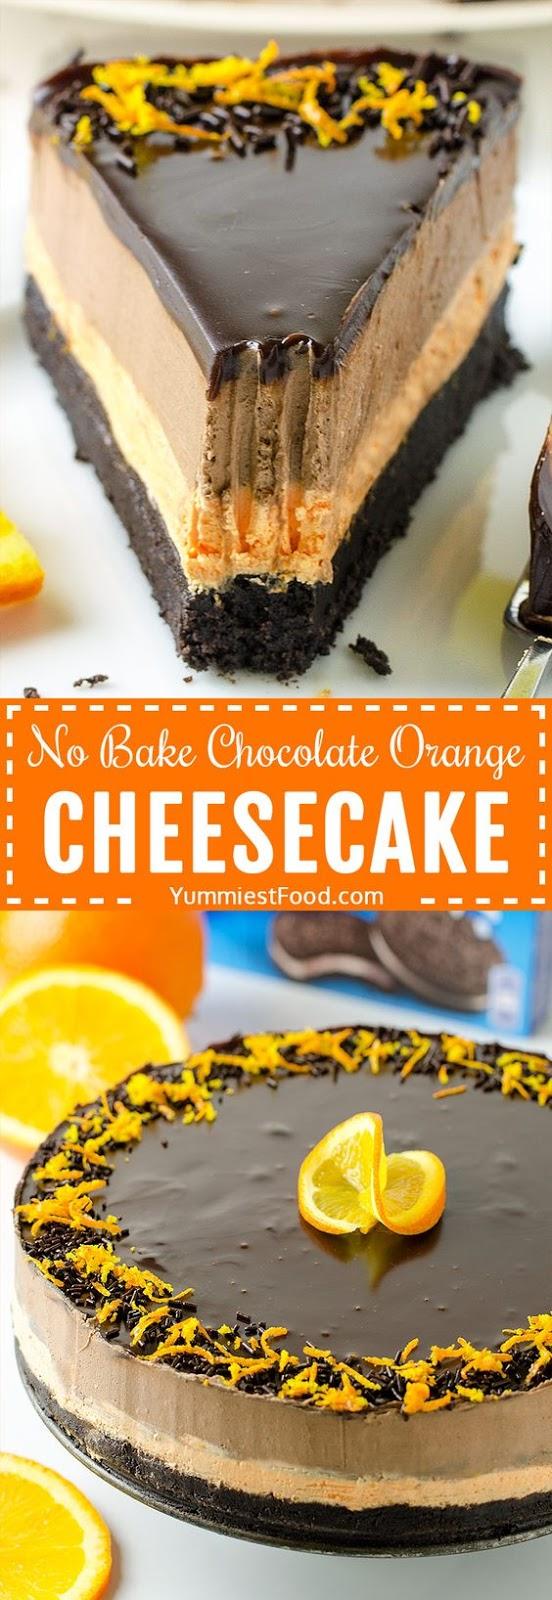 No Bake Chocolate Orange Cheesecake Recipe